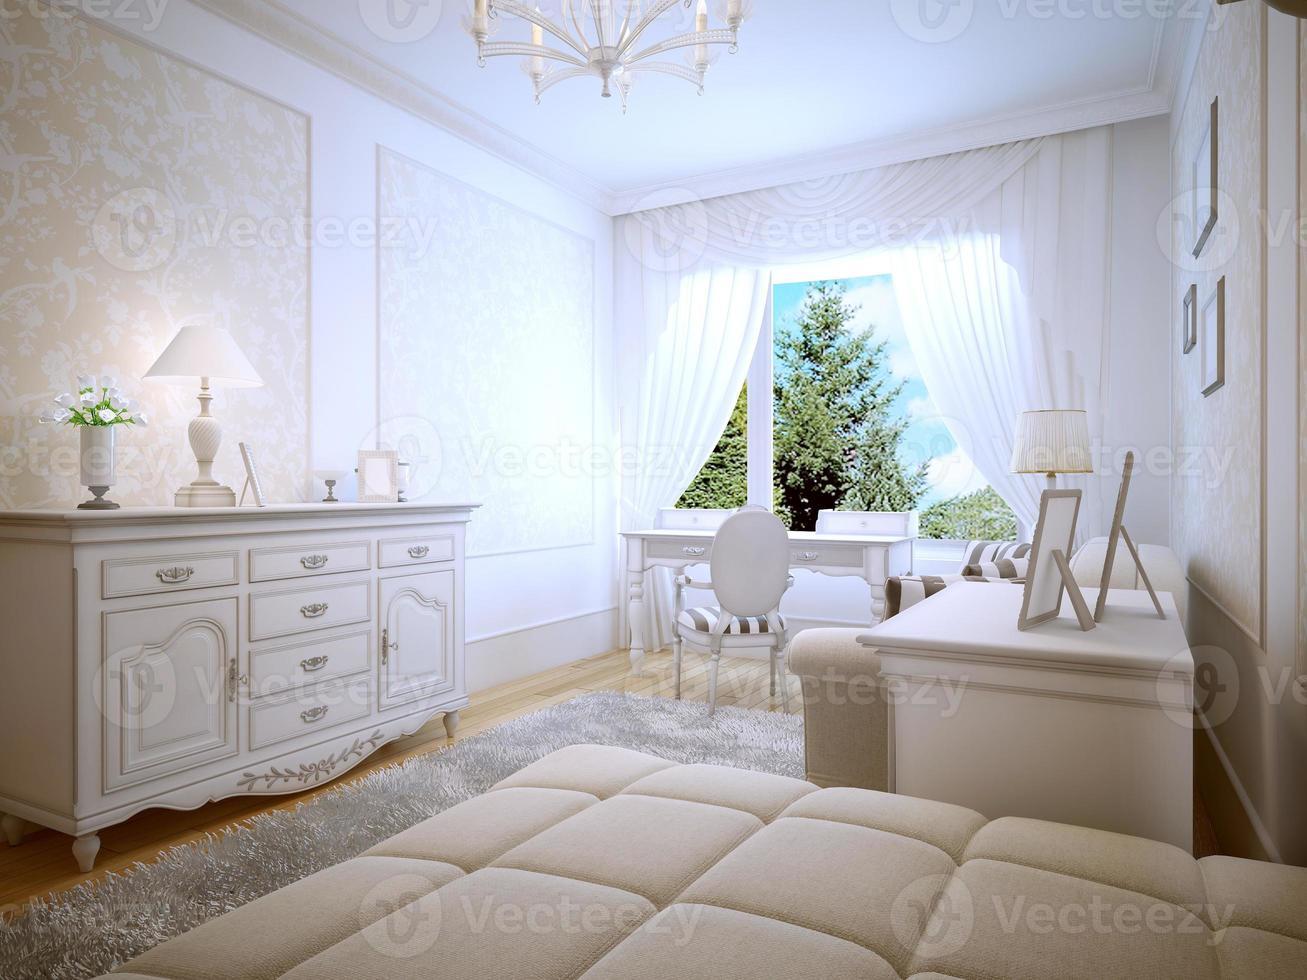 interior brilhante do quarto de adolescente foto